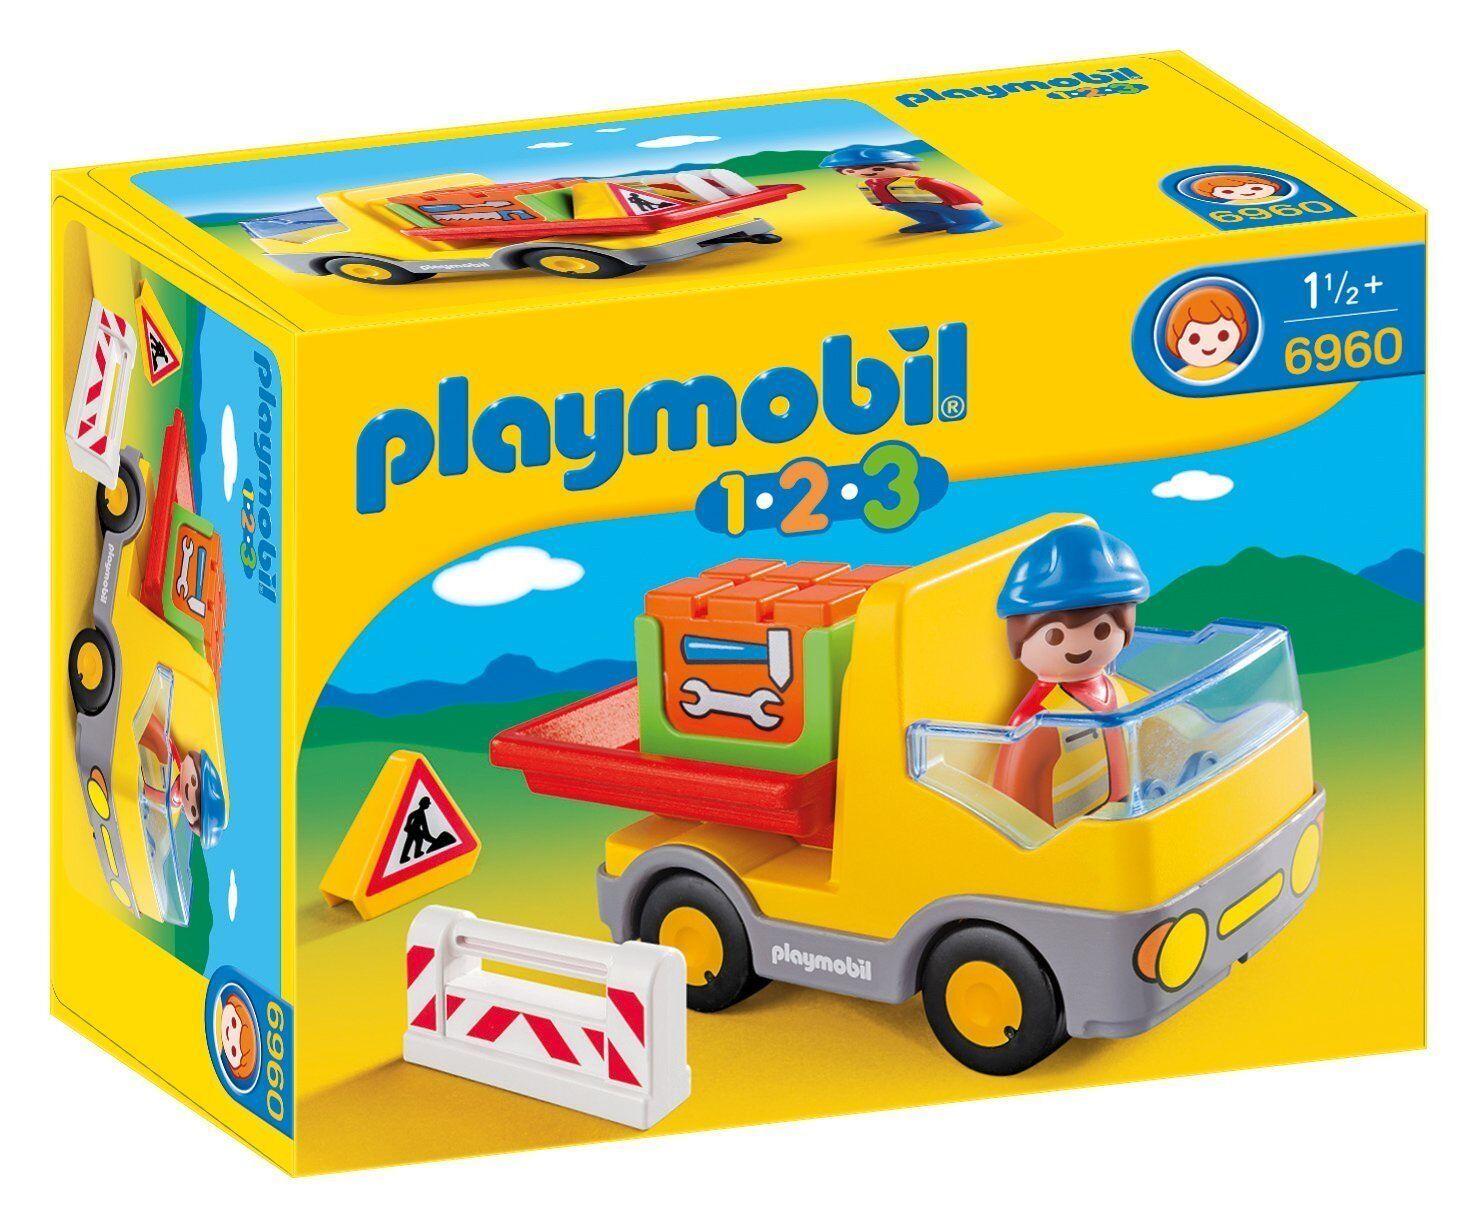 Playmobil 6960 1.2.3 Camión de Construcción Nuevo Y Y Y en Caja Envío Rápido  los clientes primero